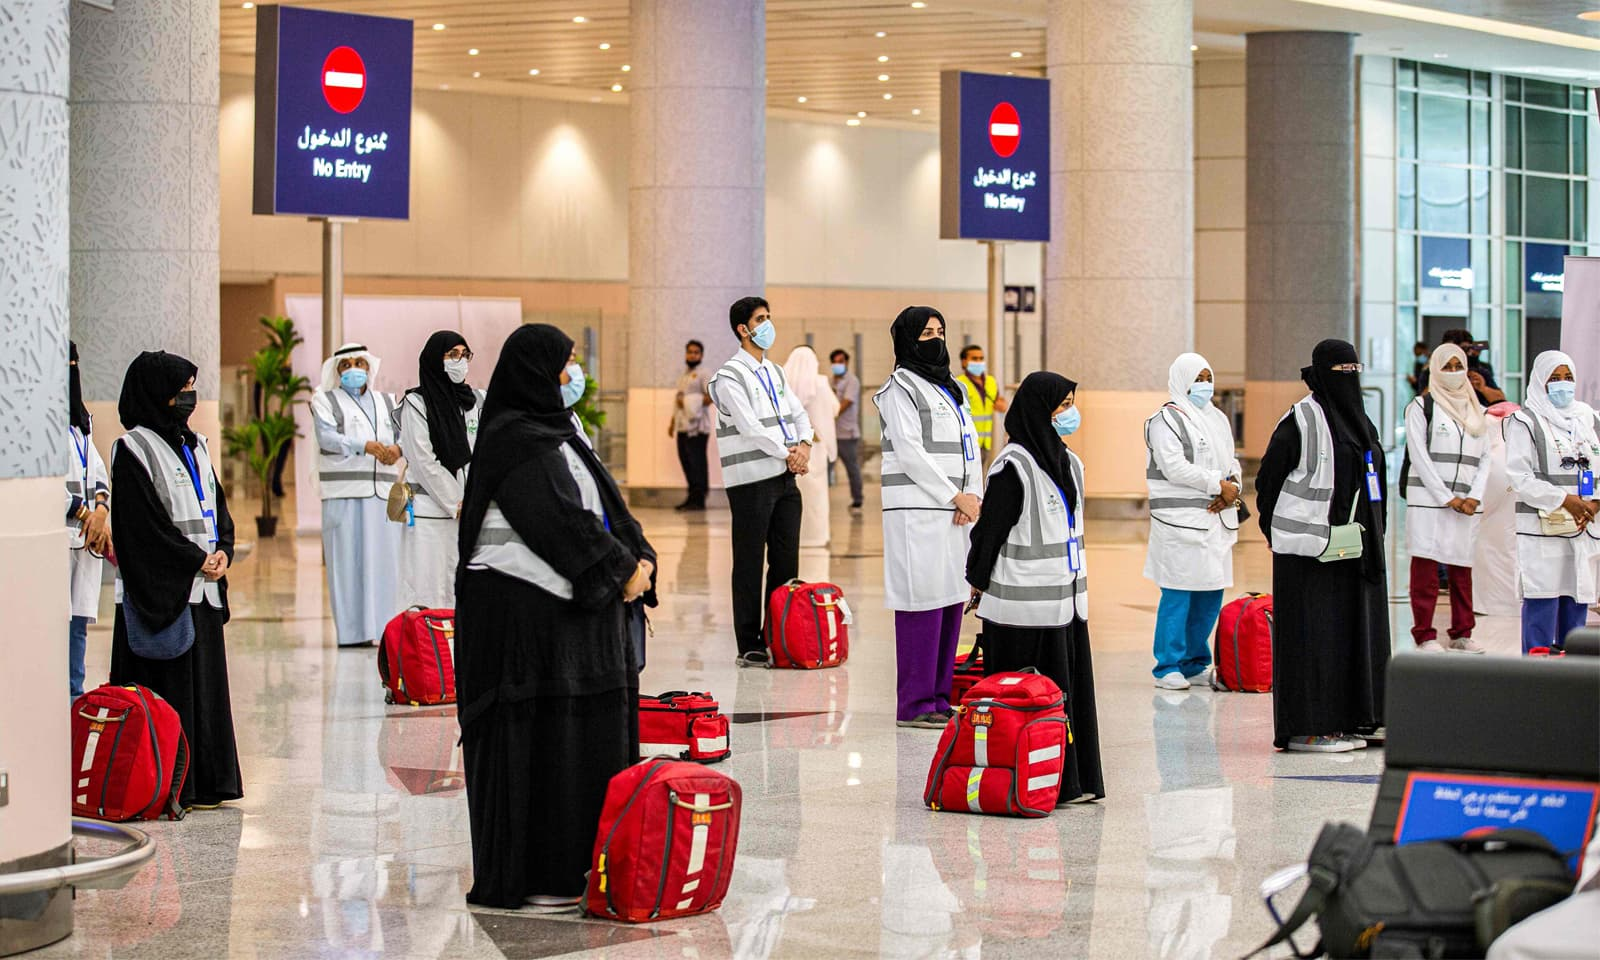 ایئرپورٹ پر عازمین حج کے طبی معائنے کے لیے میڈیکل ٹیم تعیانت کی گئی ہے — فوٹو: اے ایف پی